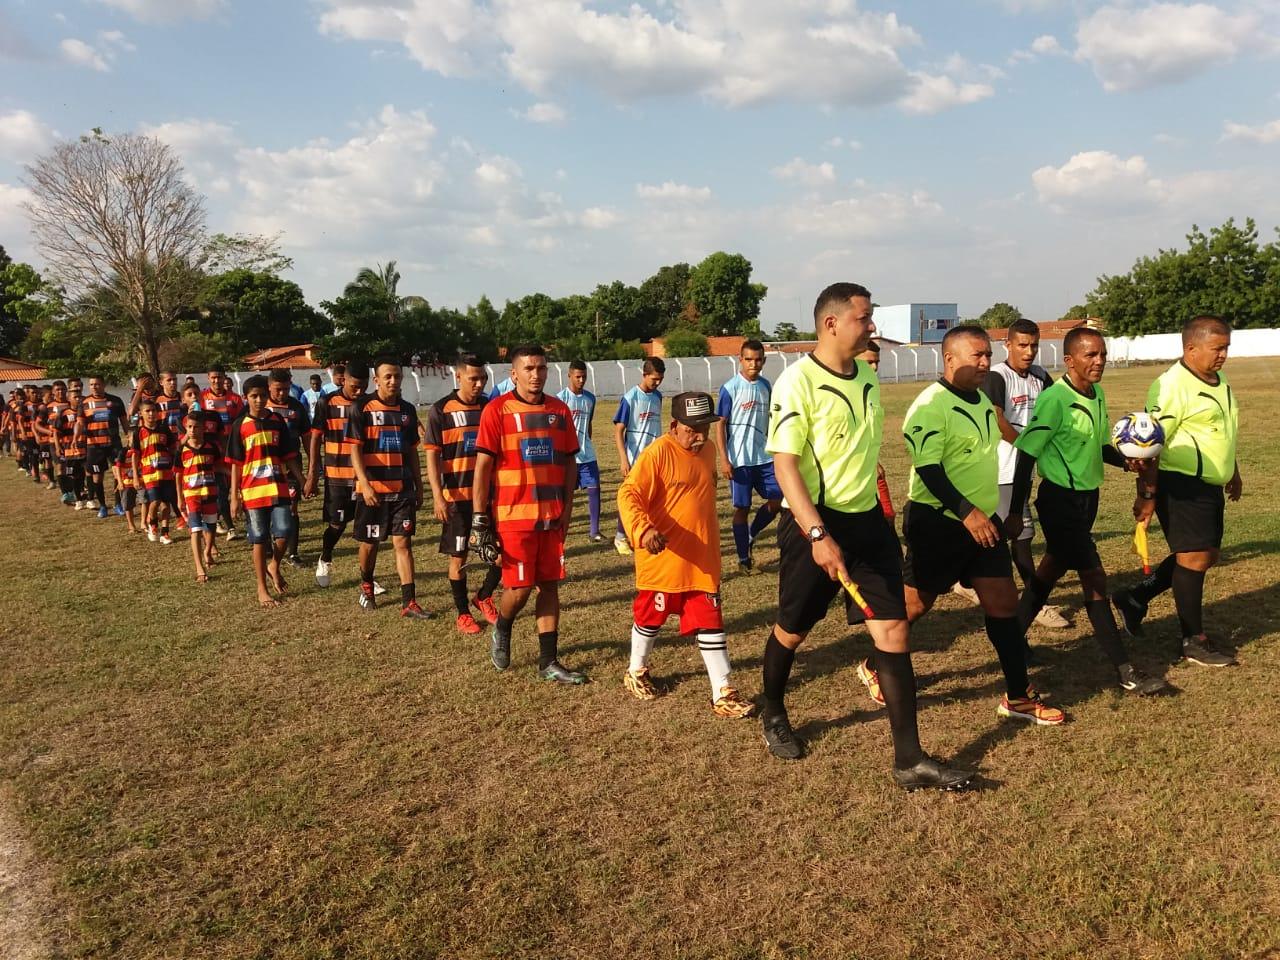 Nacional é campeão do campeonato Freitense de futebol amador 2019